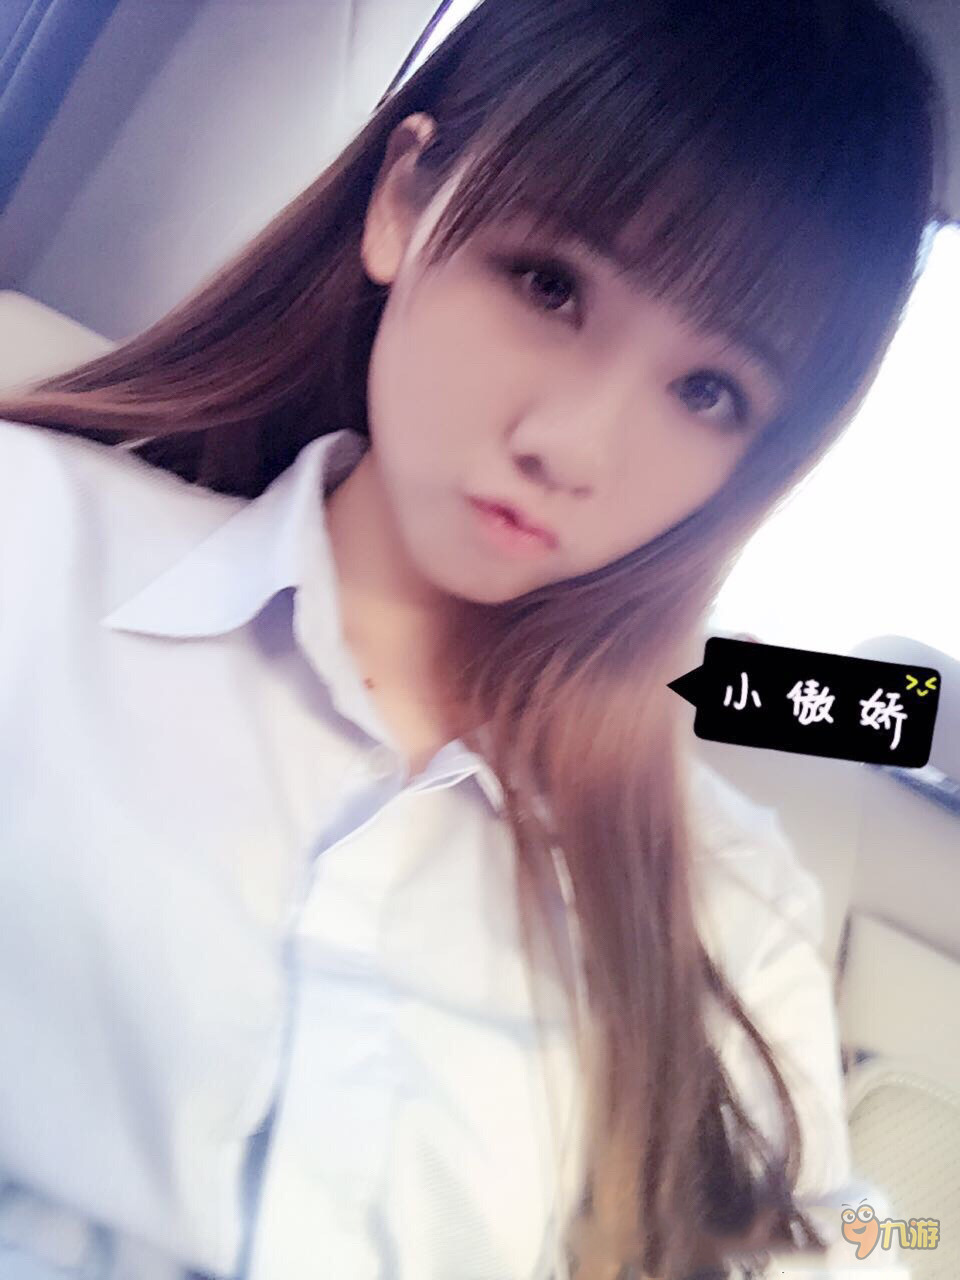 2015年度游戏盛典第十三届中国国际数码互动娱乐展(以下简称chinajoy)将于7月30日在上海正式拉开帷幕,九游小编抢先为大家带来第一手的chinajoy及showgirl资讯。本次小编要为大家介绍DeNa展台主推showgirl梁钰,清纯可爱的萌妹子一枚,喜欢她的小伙伴可以去现场投食哟。